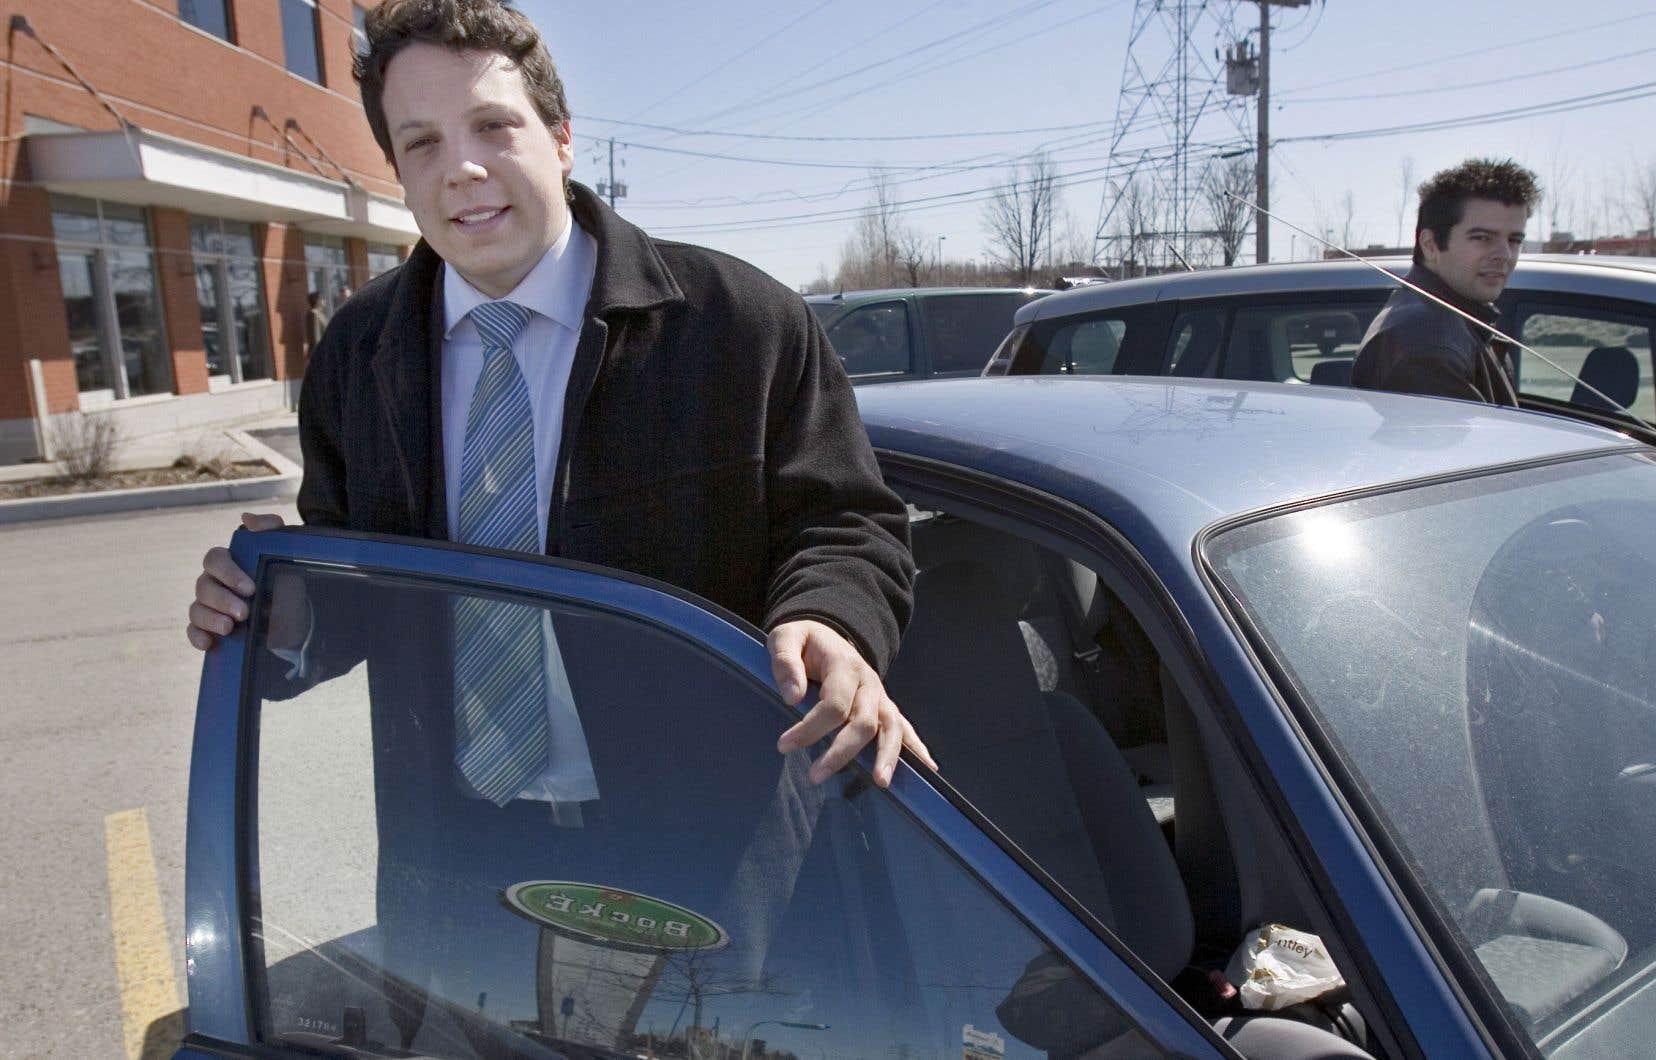 Élu en 2007 à l'Assemblée nationale à l'âge de 22 ans, Simon-Pierre Diamond qualifie l'après-défaite d'«étape douloureuse».